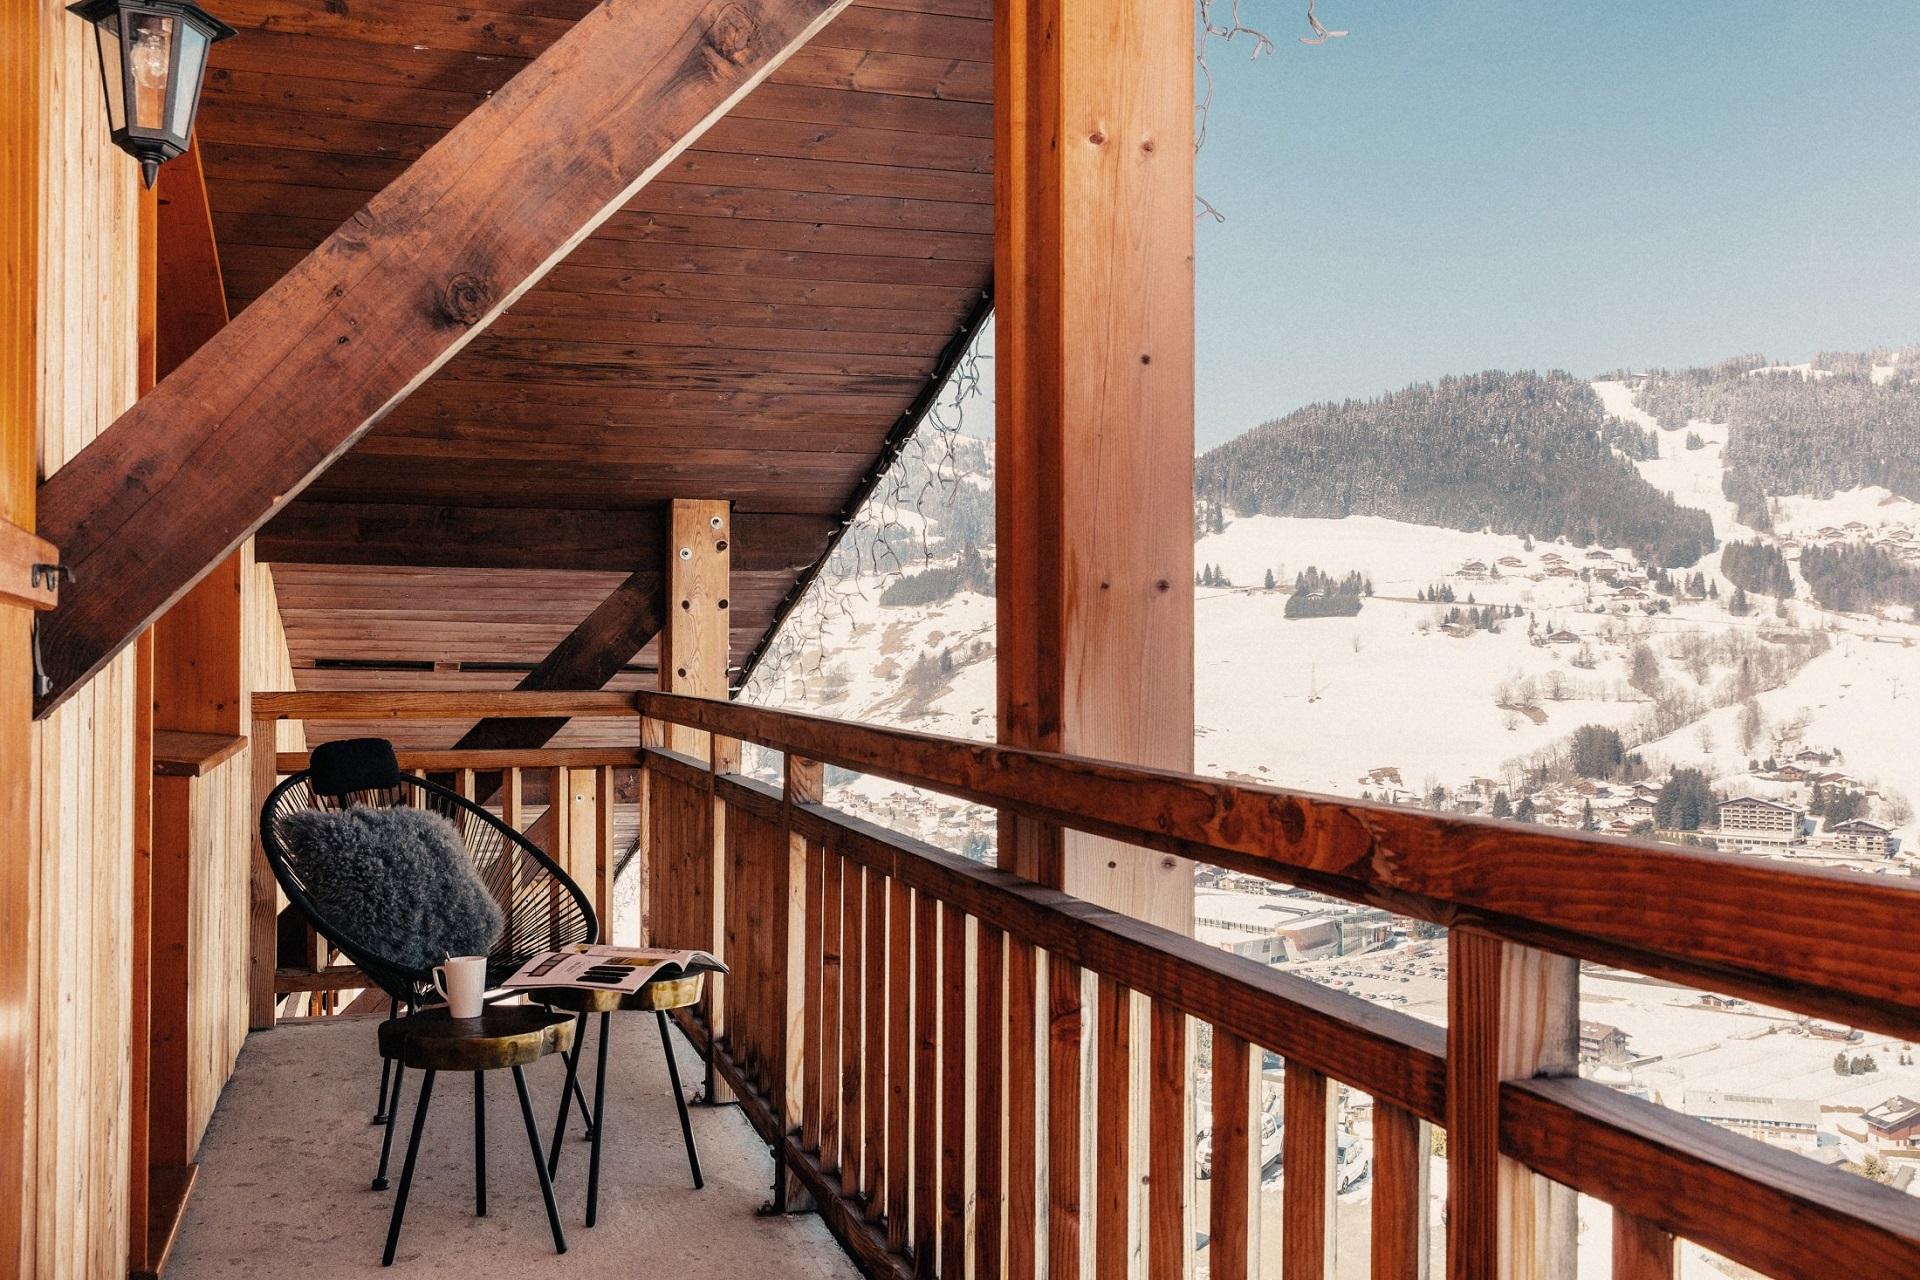 l'arboisie-megeve-incentive-ski-montagne-alpes-balcon-101 seminaires-de-caractere